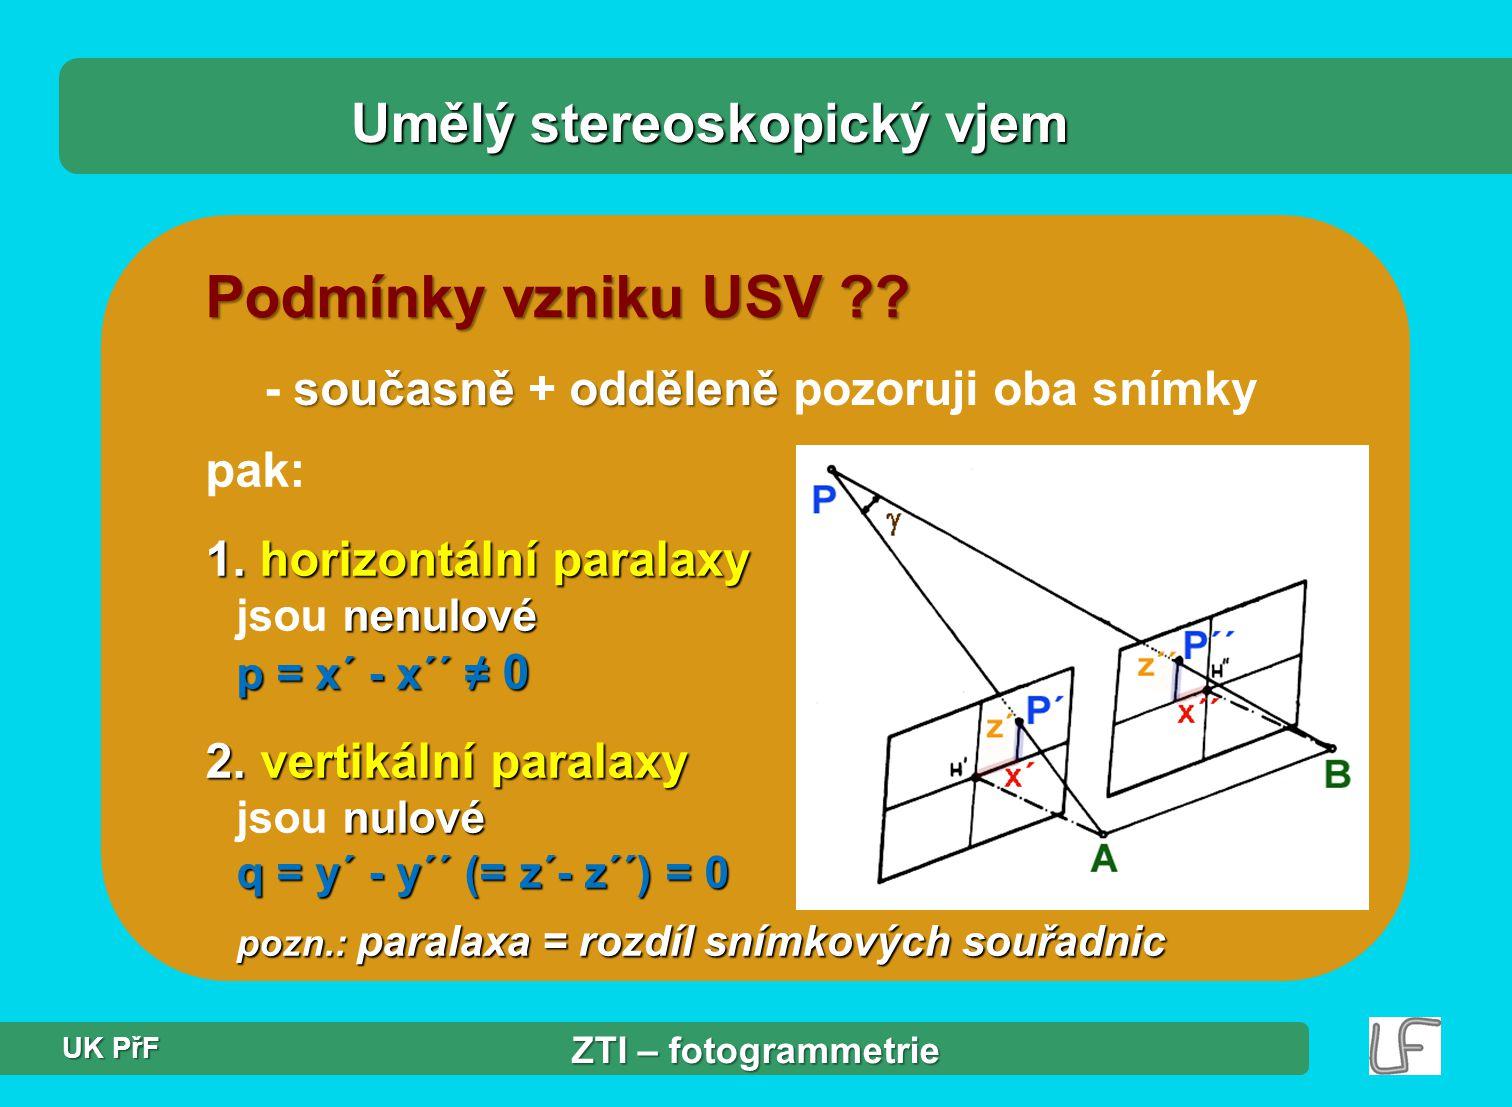 obr.: stereodvojice – paralaxy snímkových souřadnic (letecká FTG)